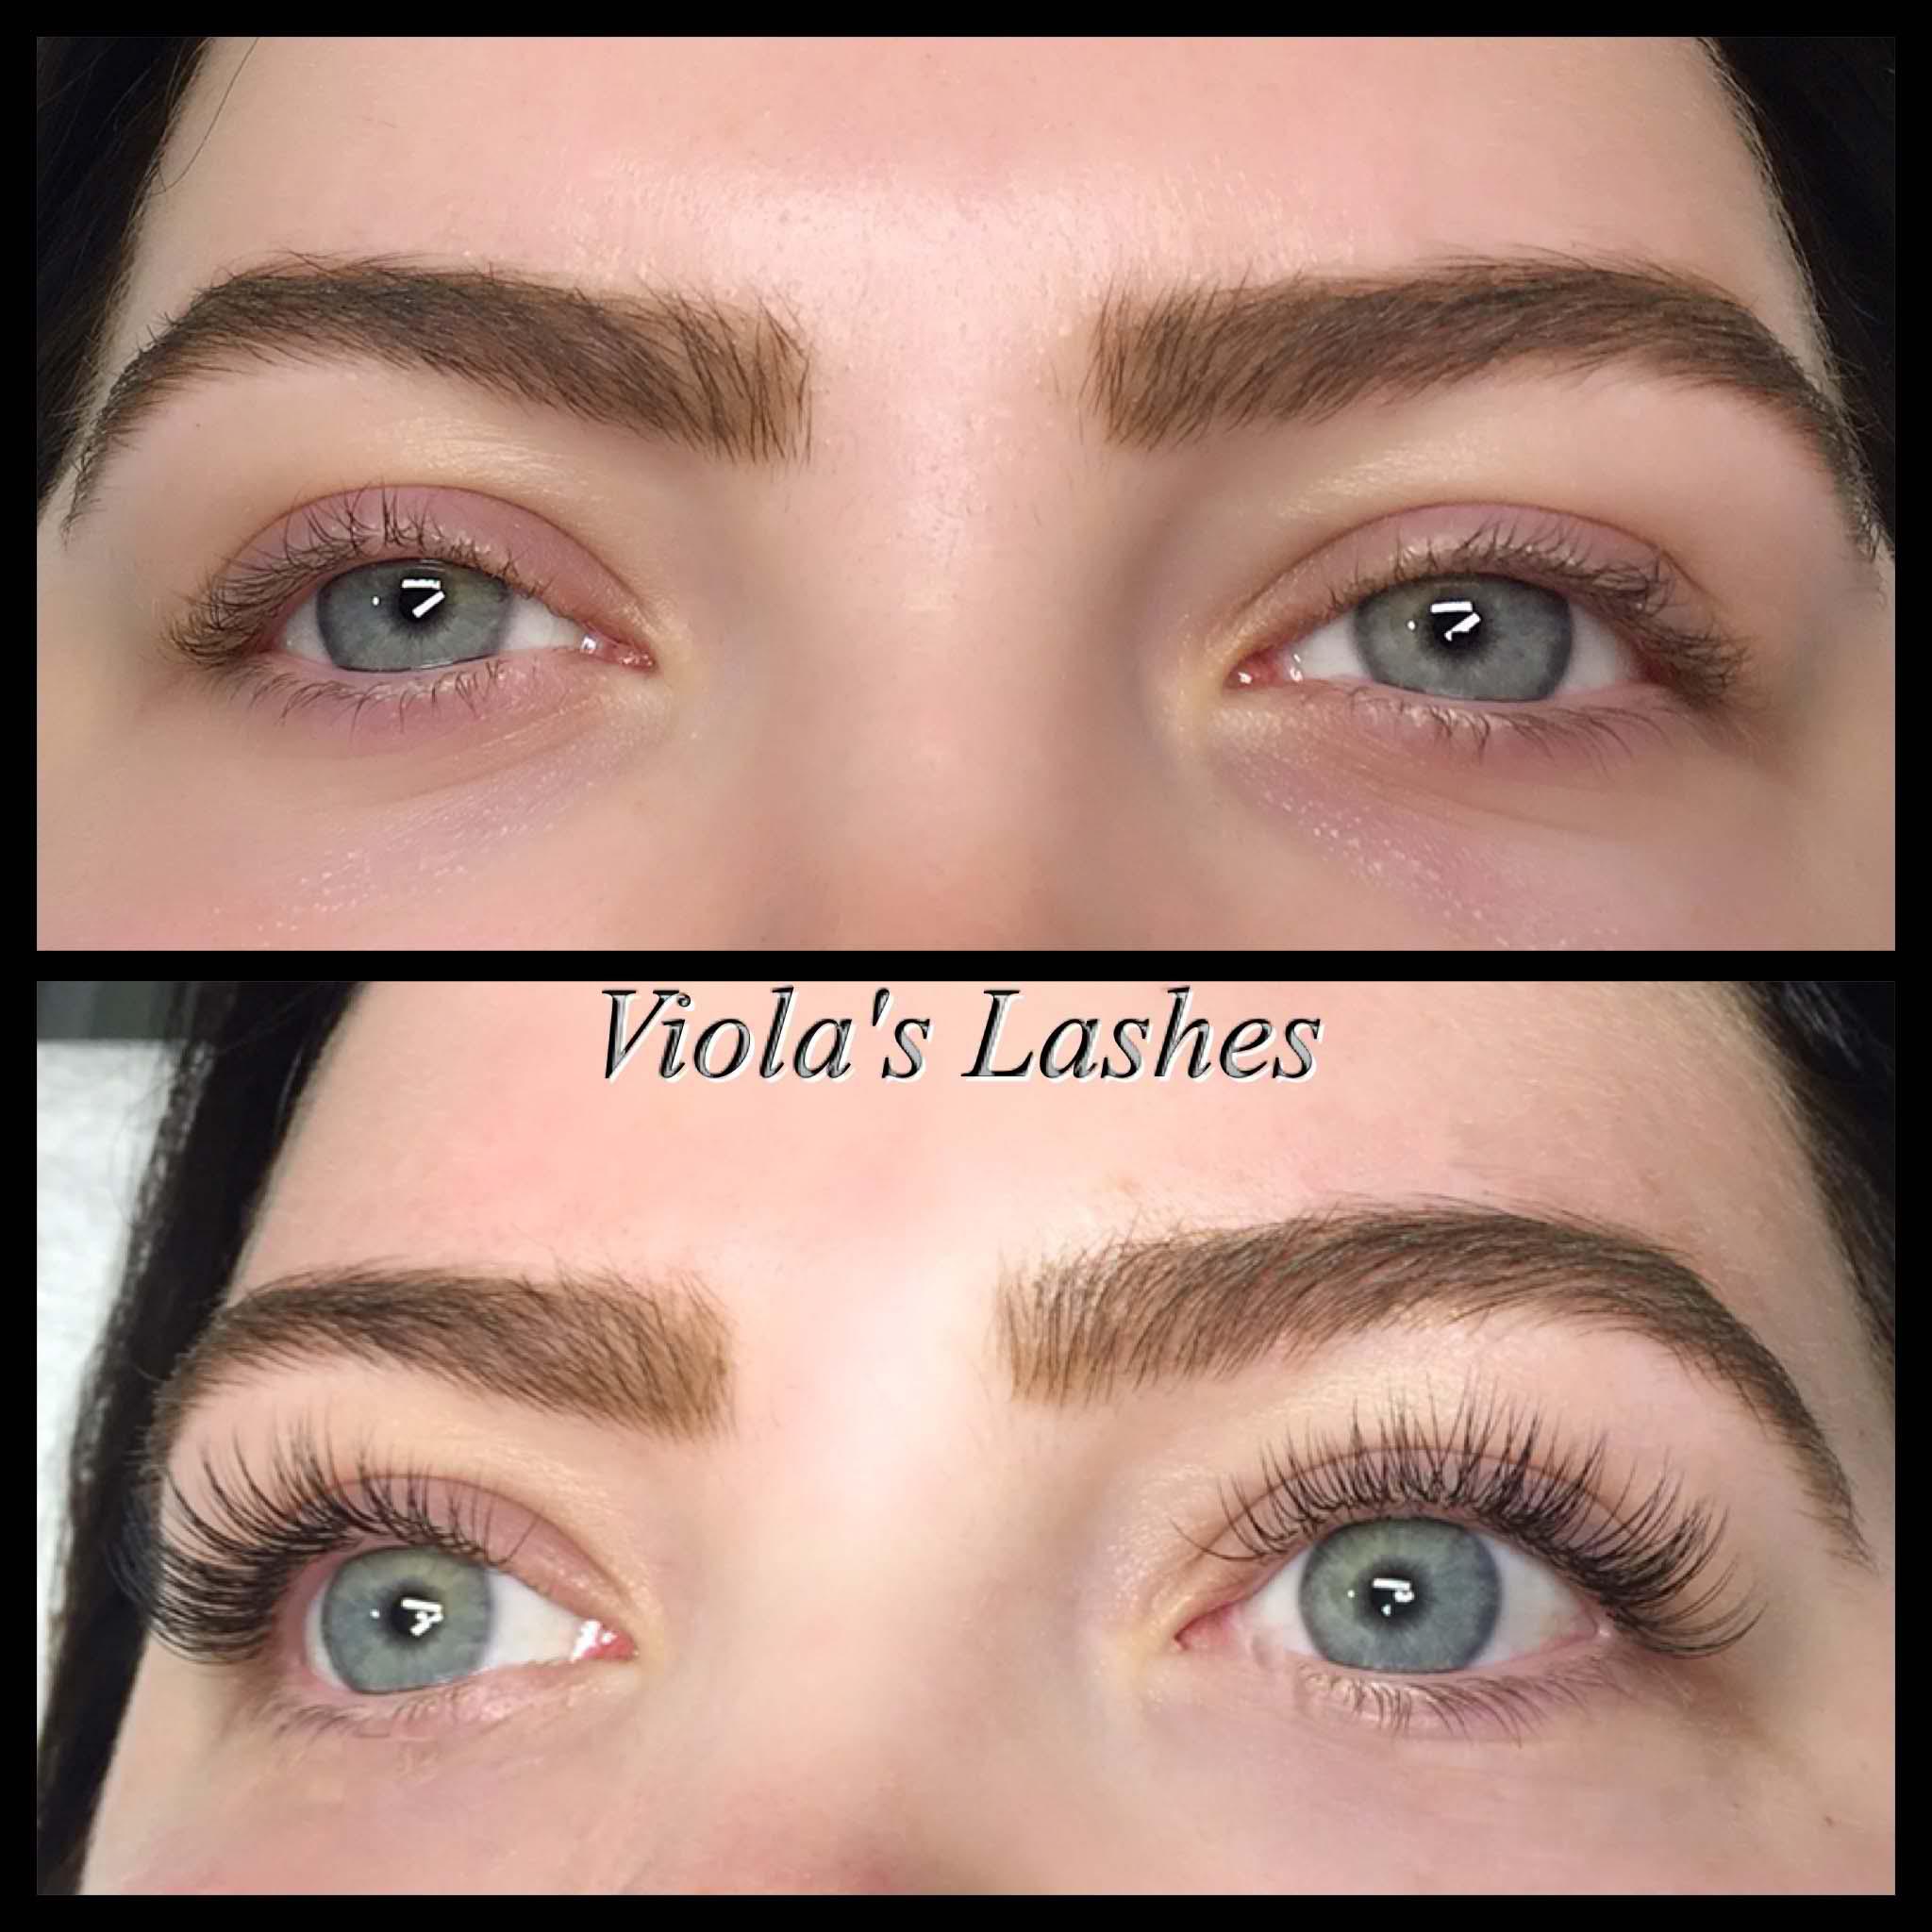 Viola's Lashes